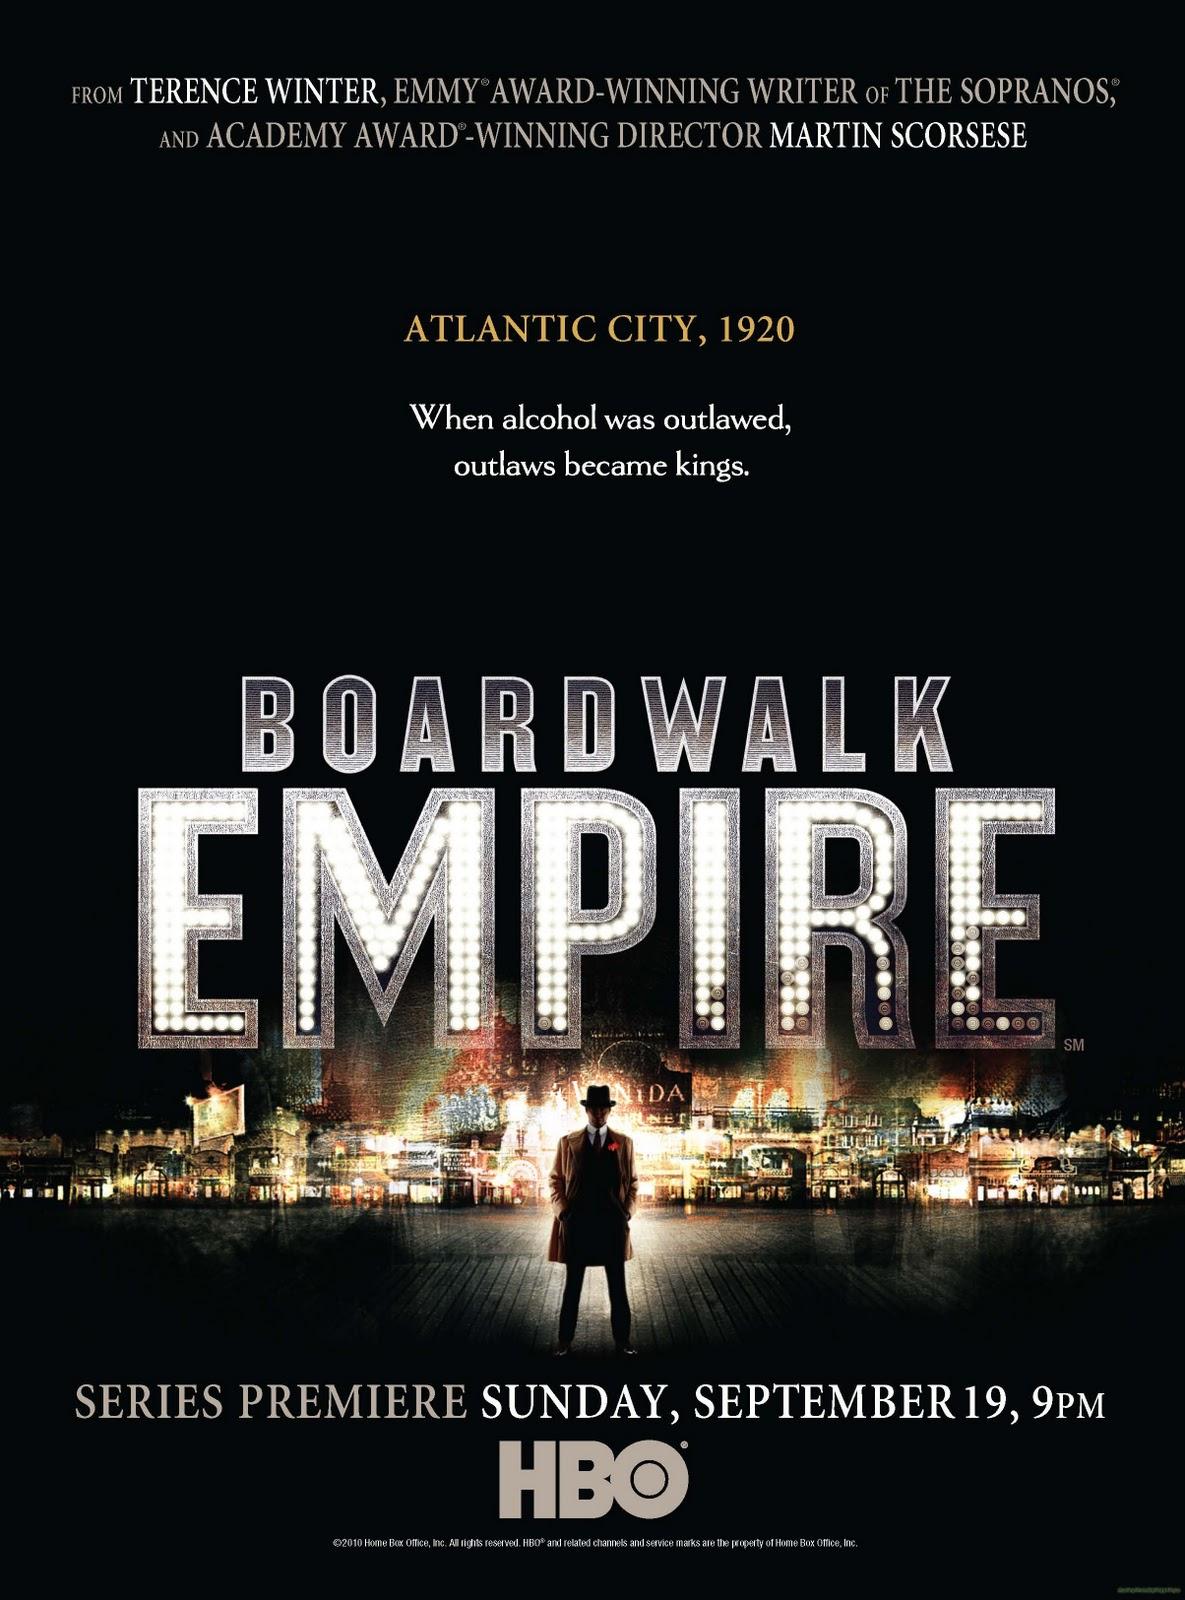 http://1.bp.blogspot.com/_uzFWpD8cK60/THTiTYQa_zI/AAAAAAAAQpM/TW0DWebhdD4/s1600/Boardwalk_Empire_S1_Poster_01_keyart.jpg